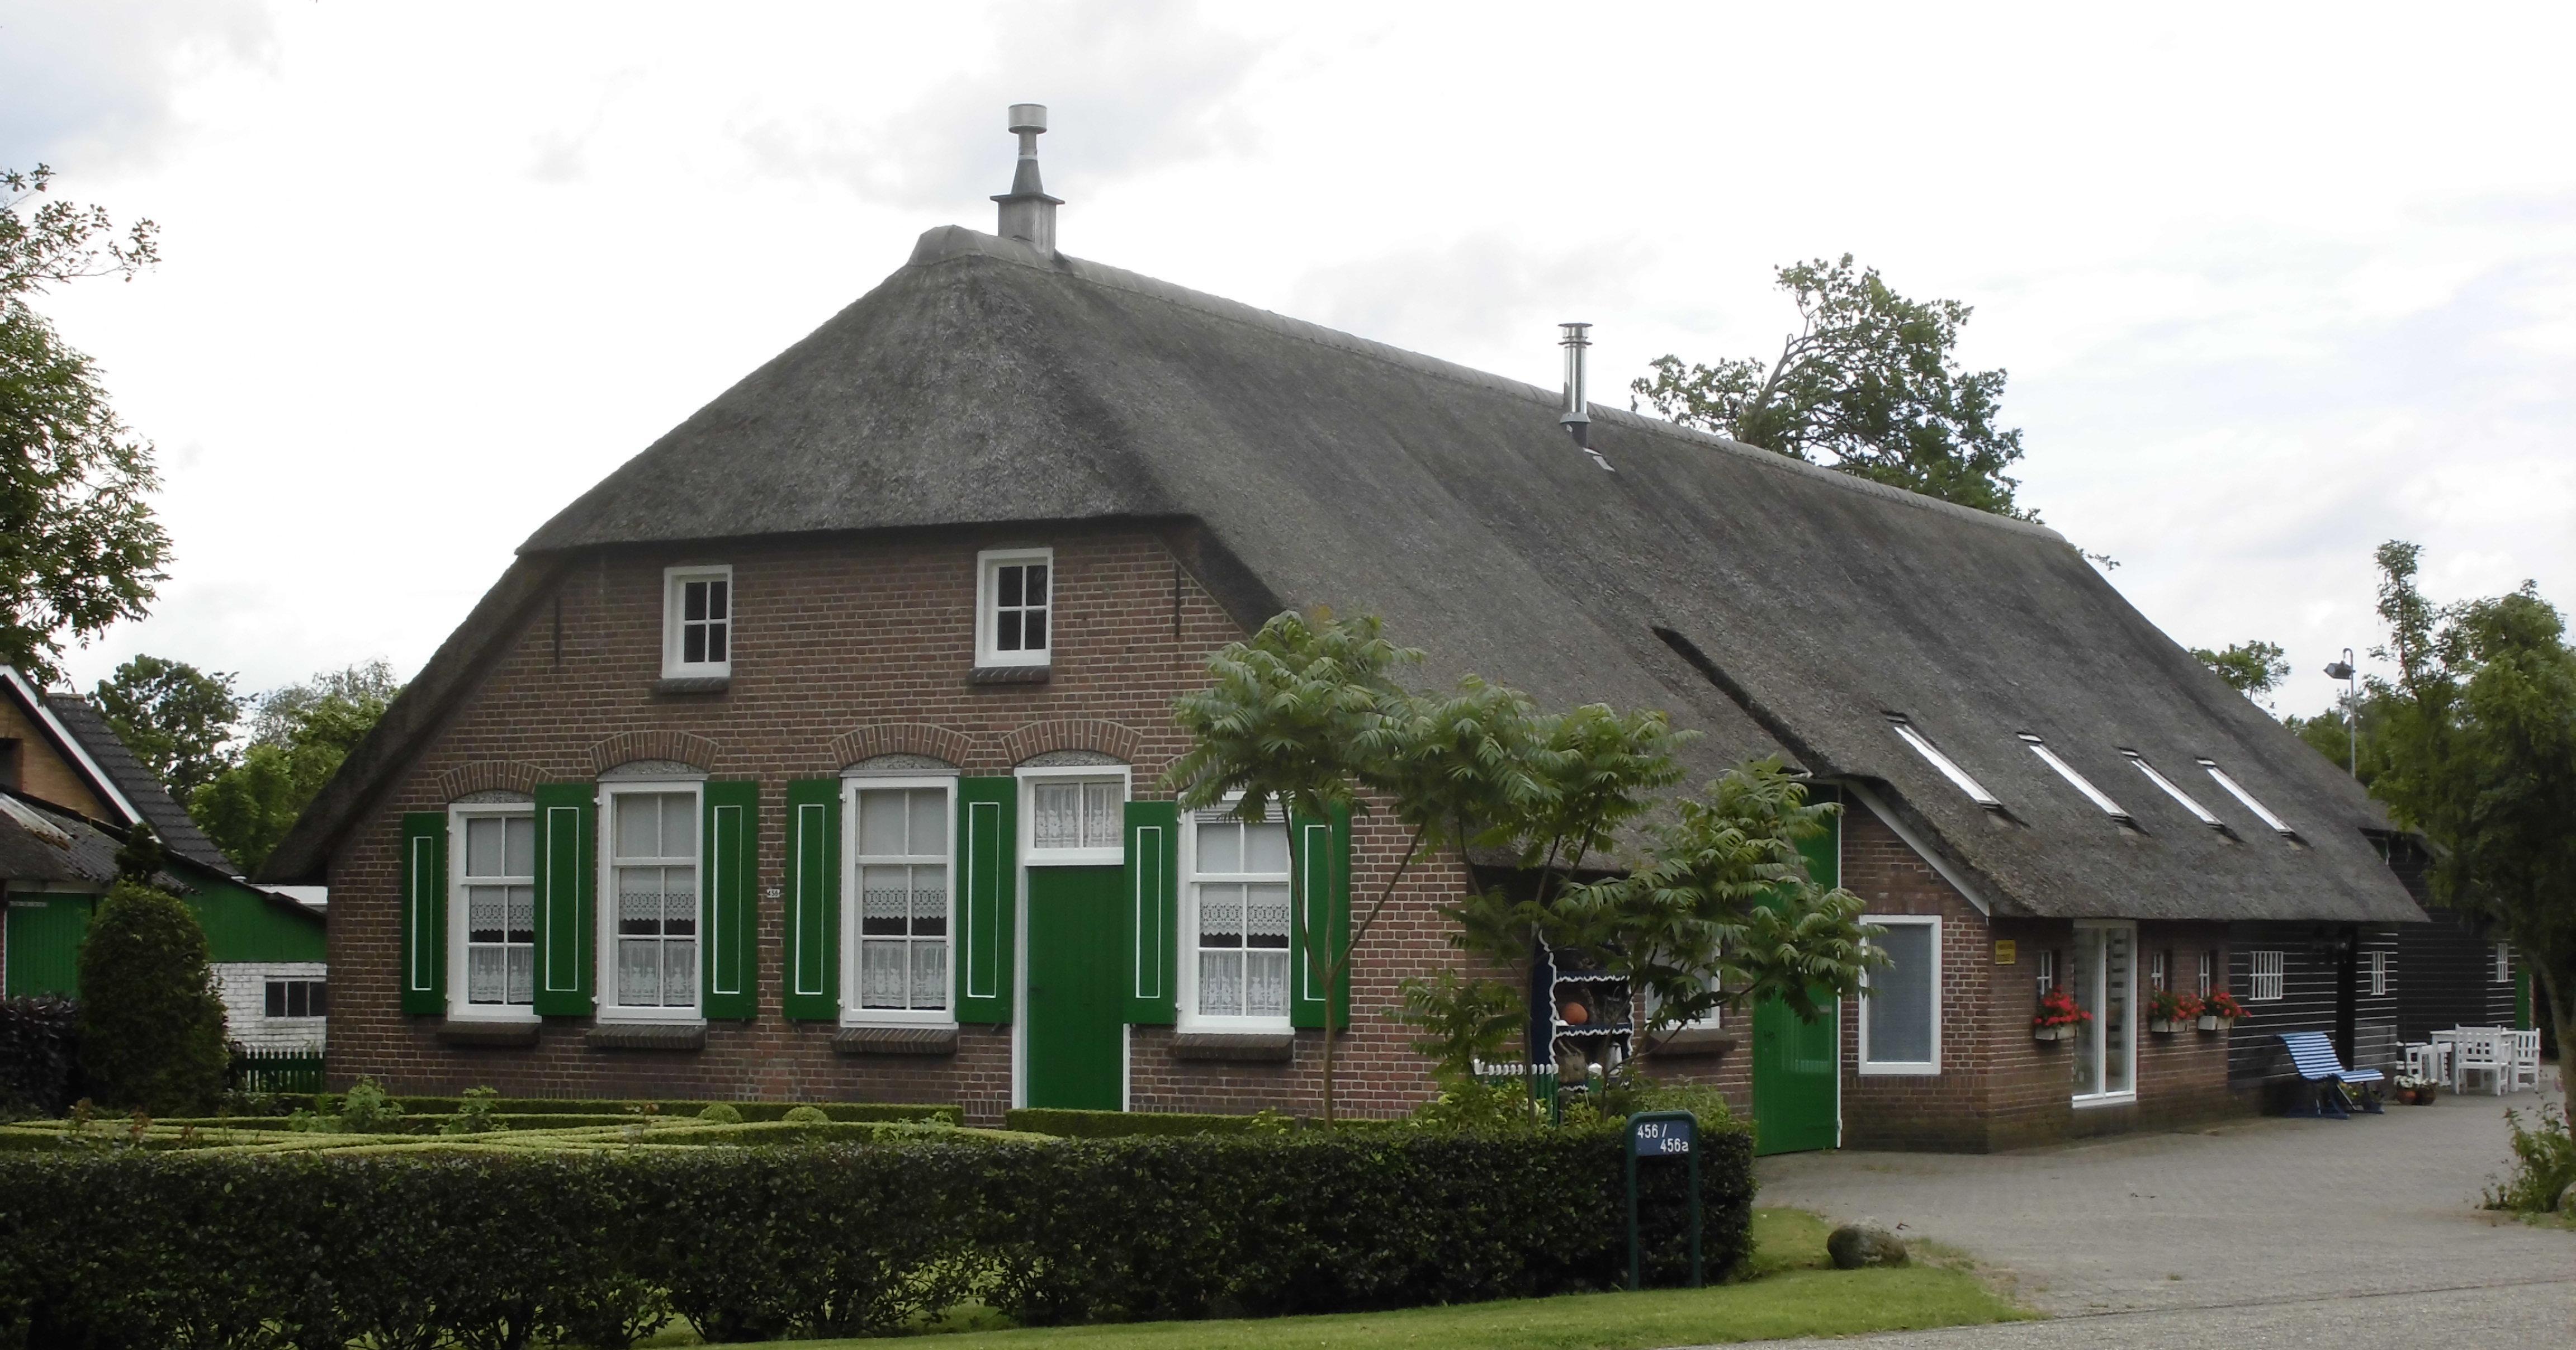 Bestand rouveen oude rijksweg 456 rm34482 jpg wikipedia for Te koop oude boerderij